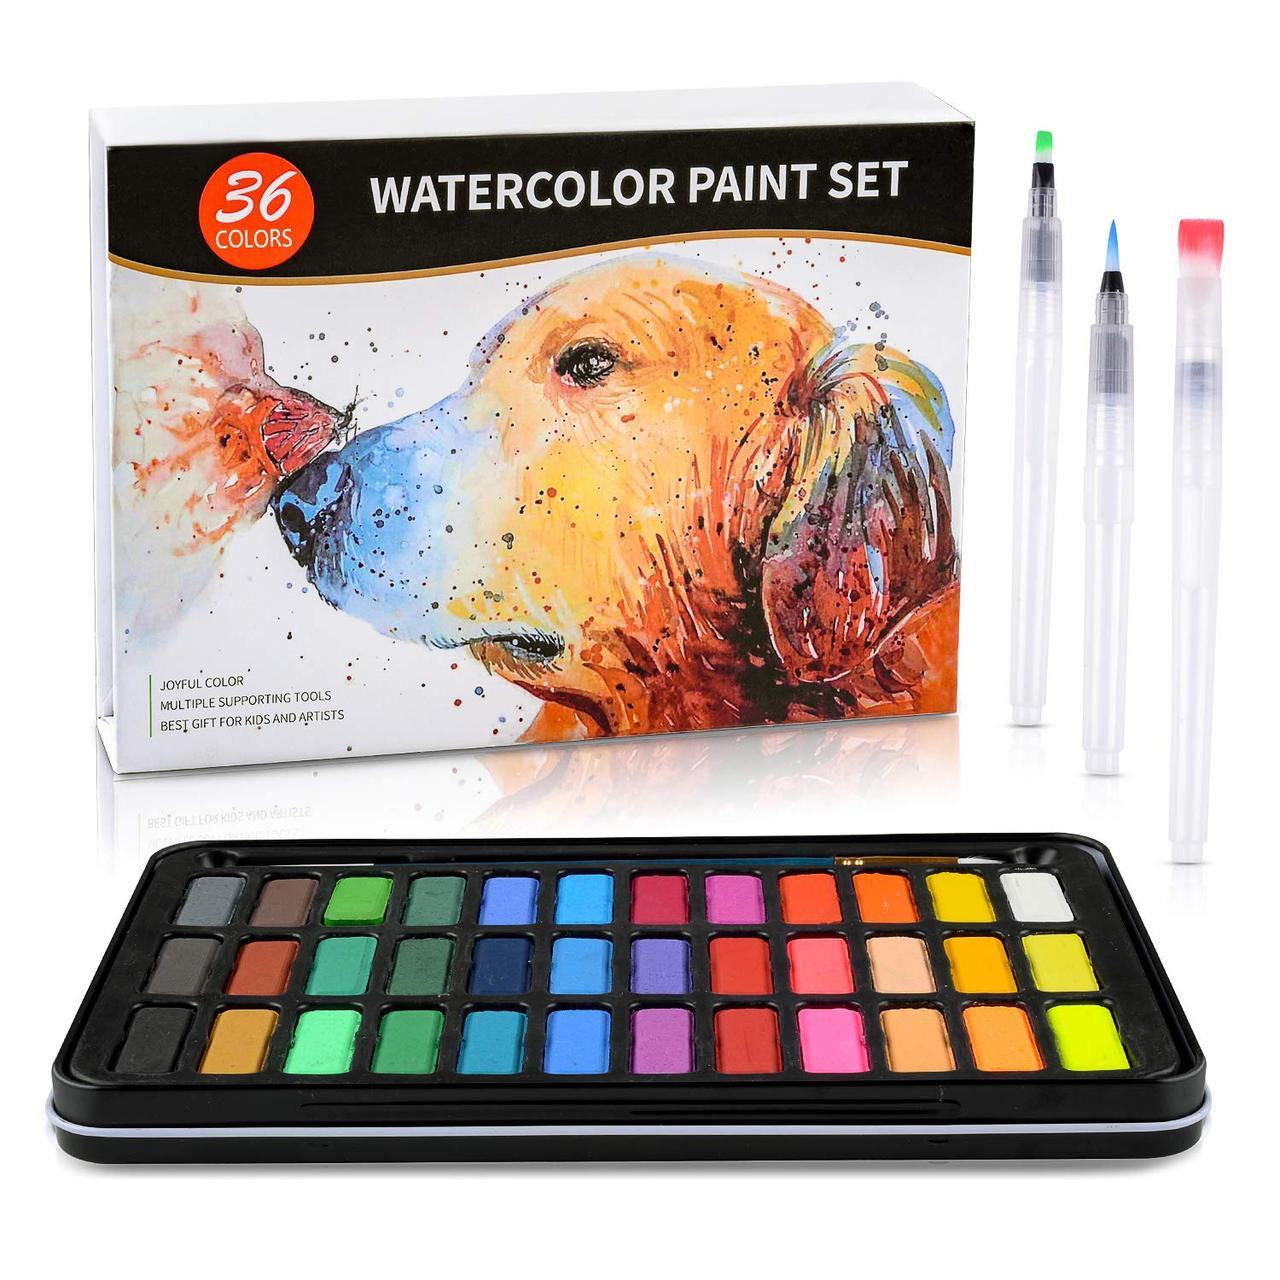 ВІДЕООГЛЯД! набір акварельні фарби для малювання Professional Paint Set 36 кольорів